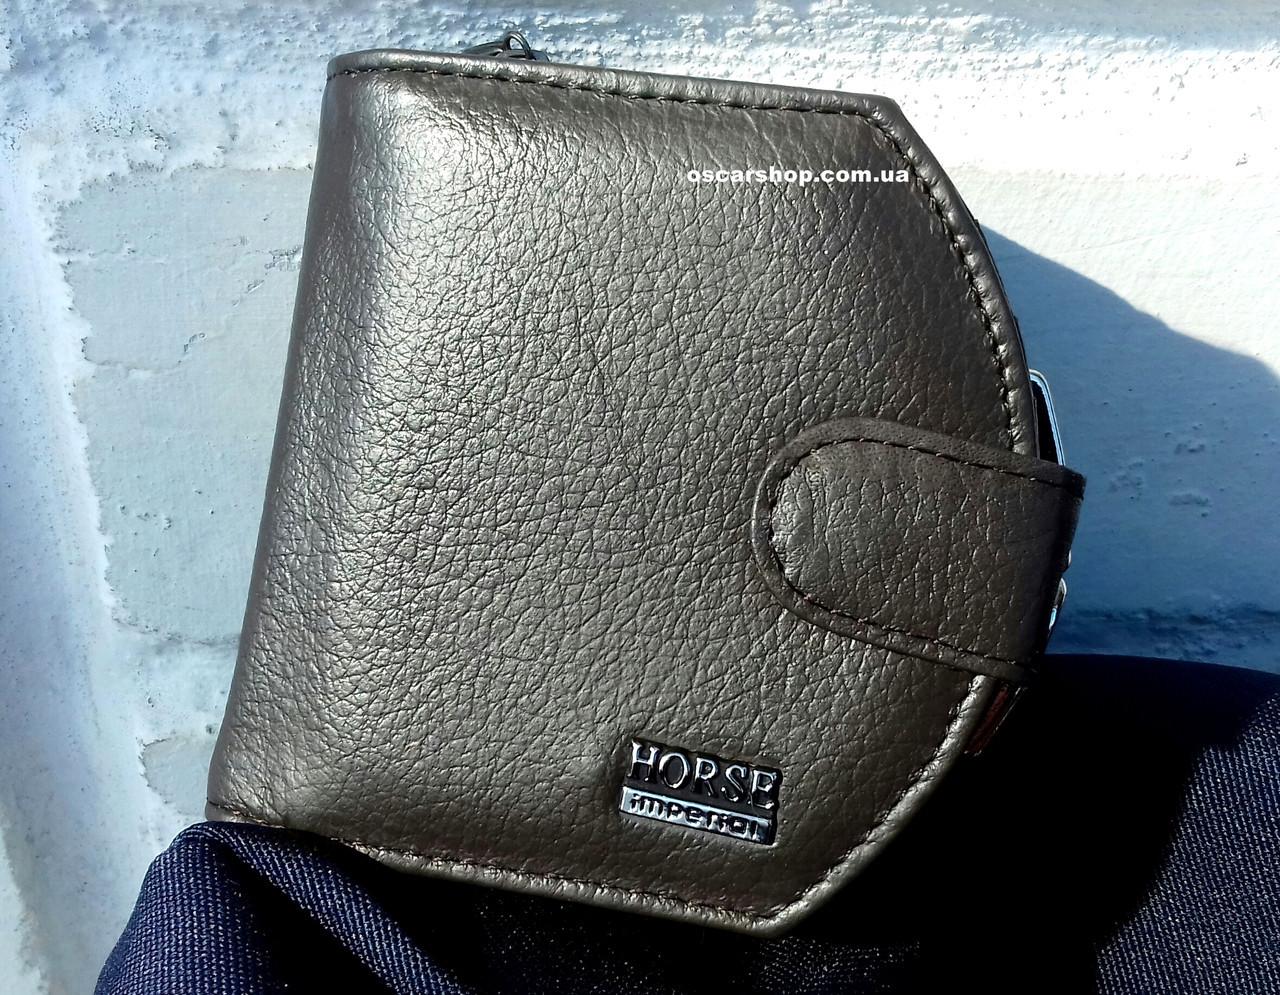 Кожаный женский бумажник оригинал. Портмоне в коробке. Женский кошелек 100% натуральная кожа. СК20-2